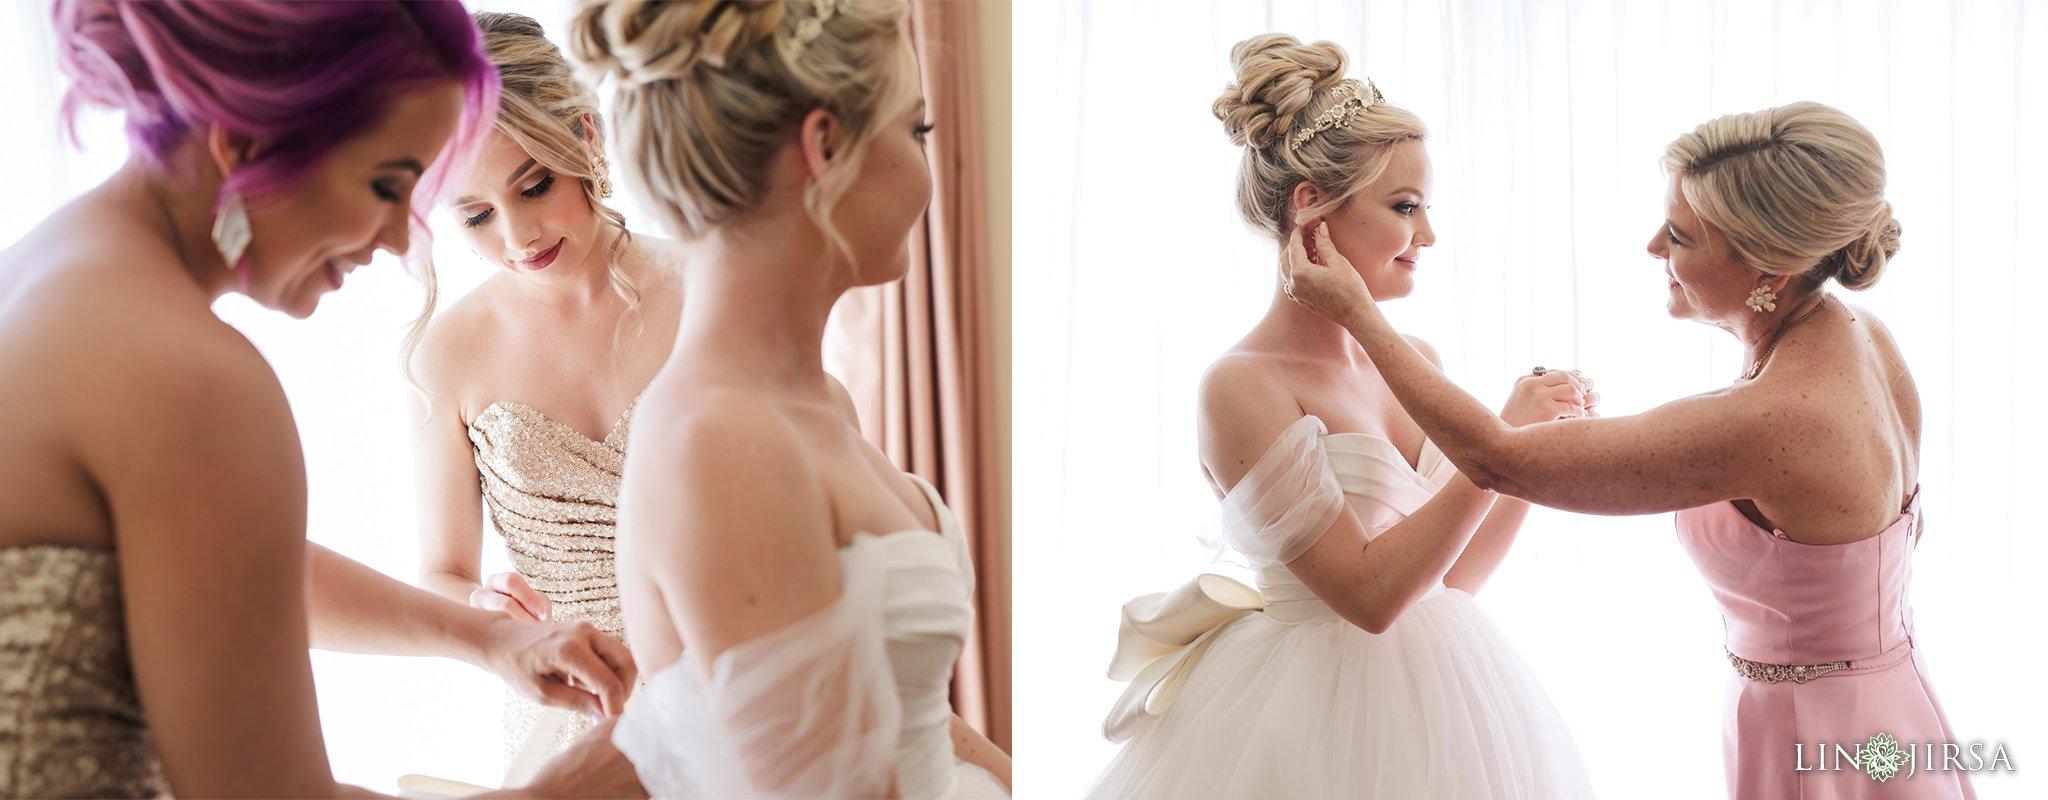 03-Westgate-Hotel-San-Diego-Wedding-Phot